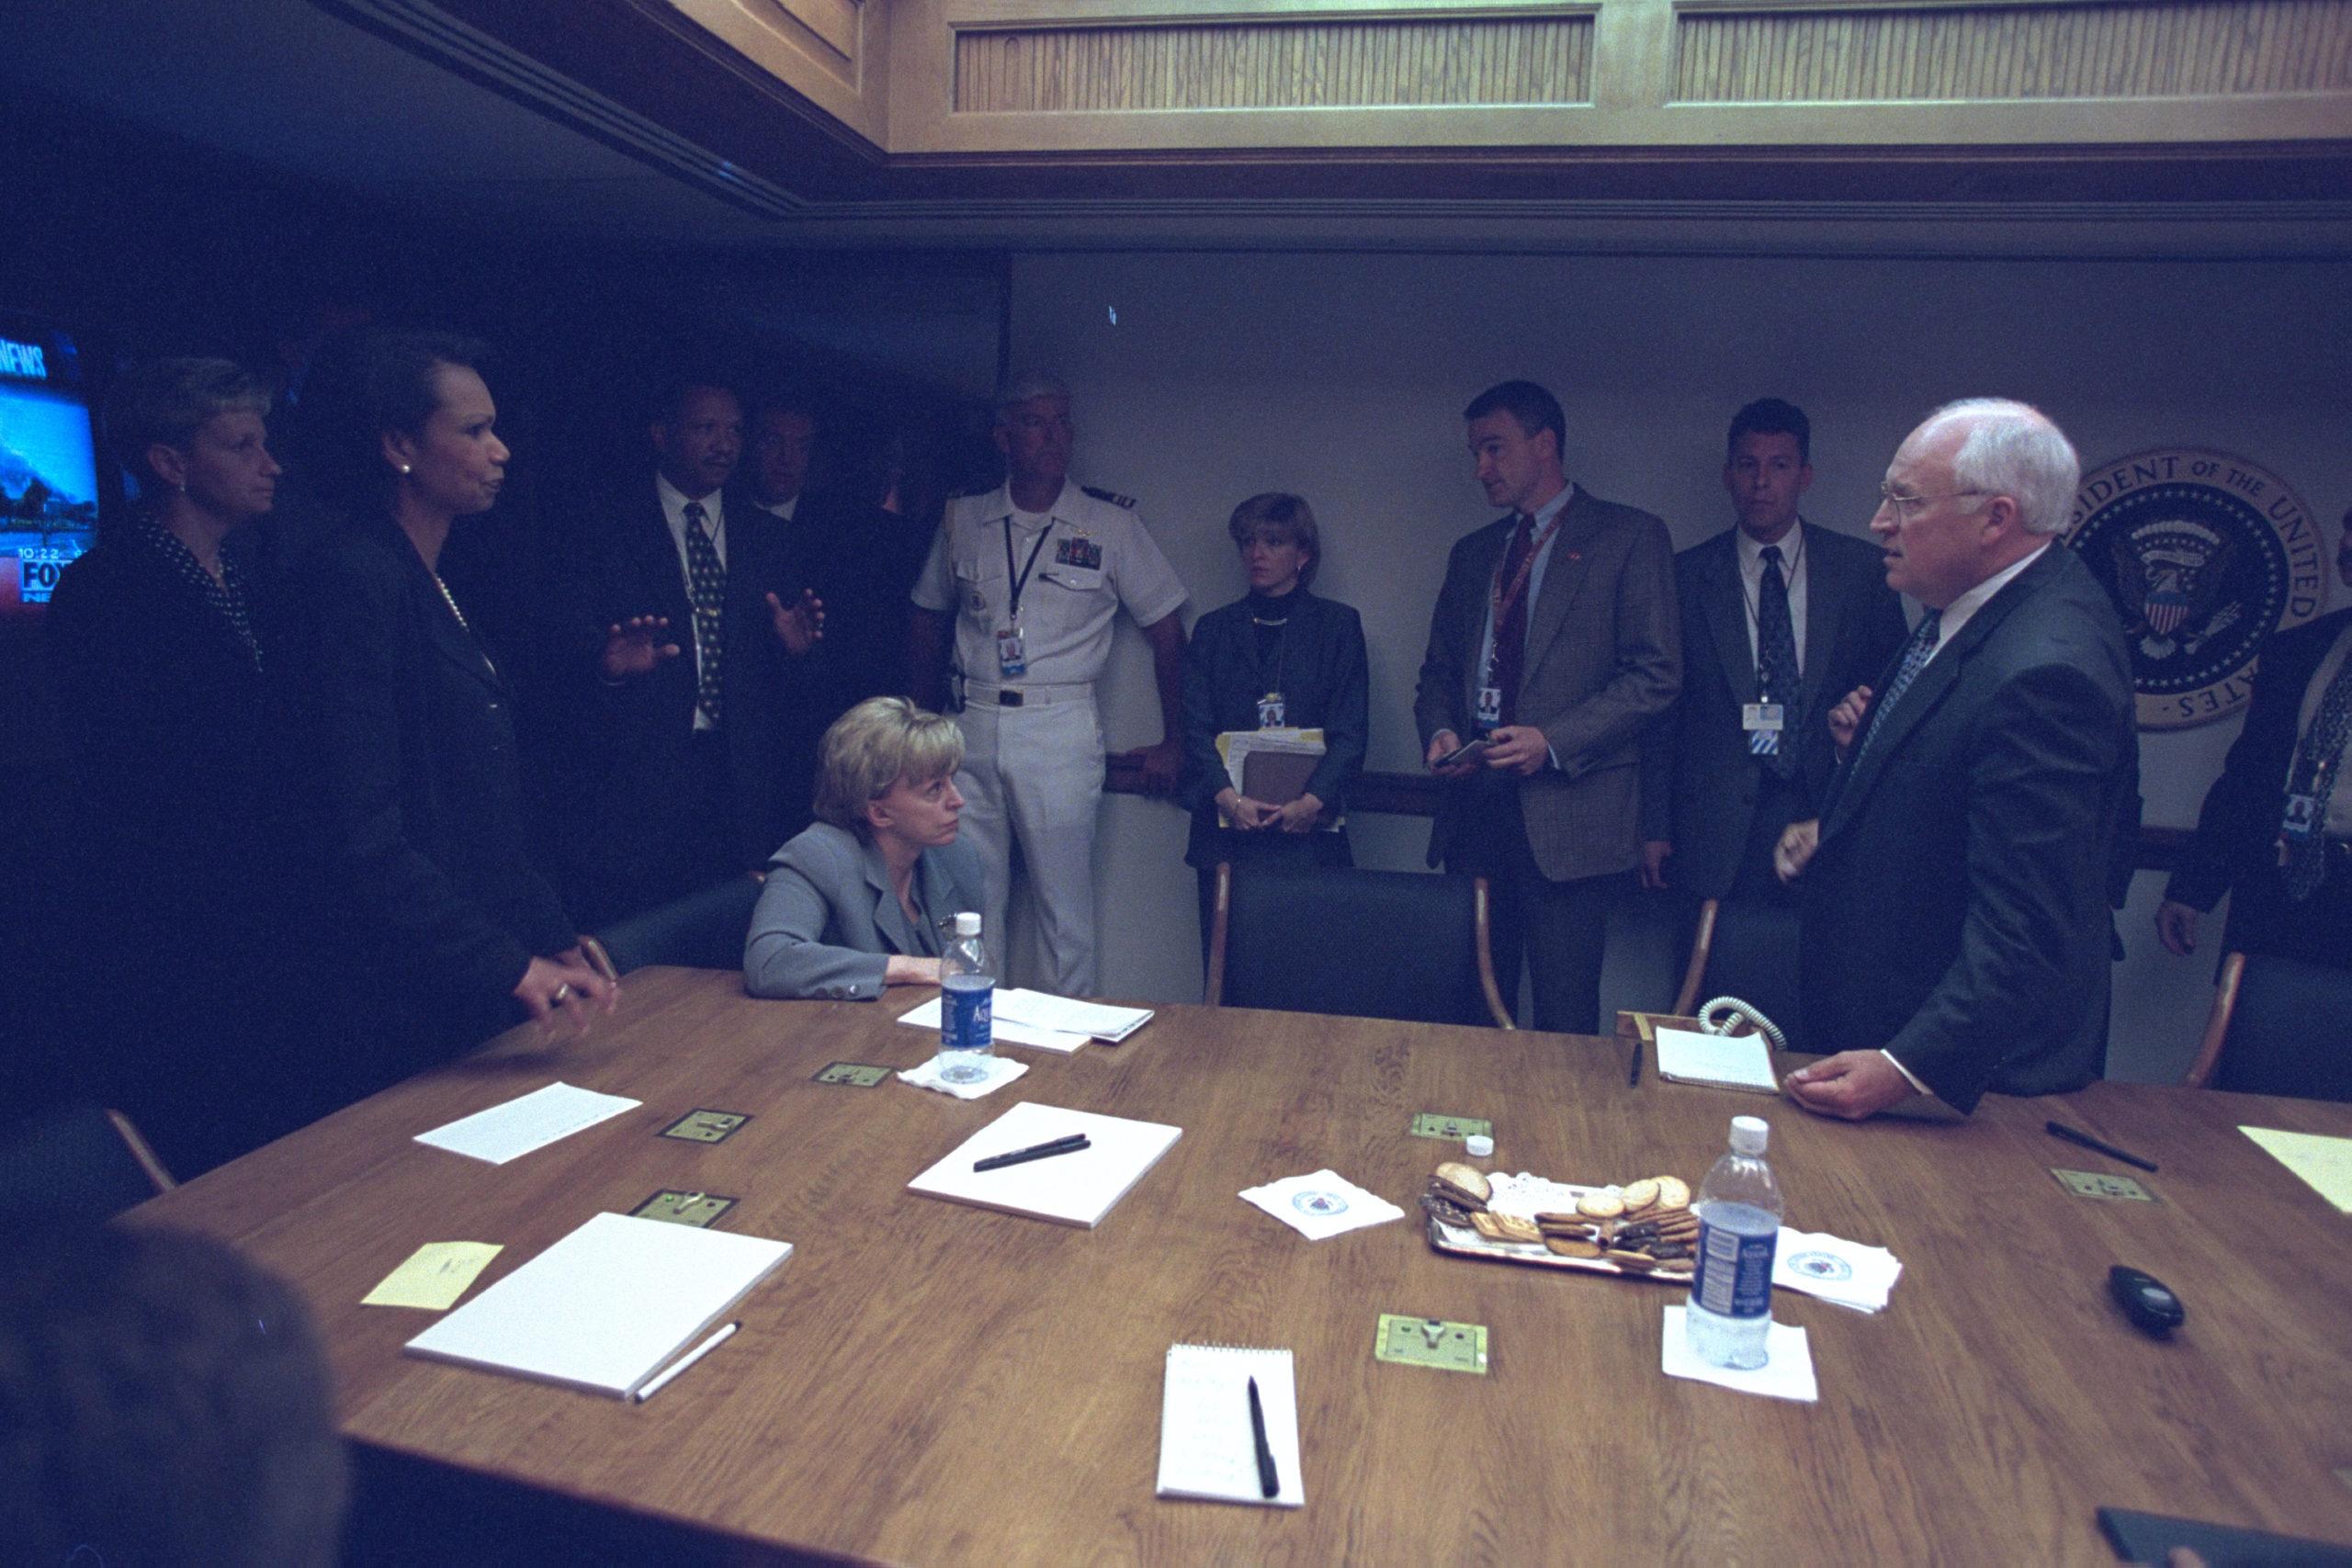 Vice-presidente Dick Cheney em pé durante o 11 de setembro de 2001. Crédito: Arquivos Nacionais dos EUA